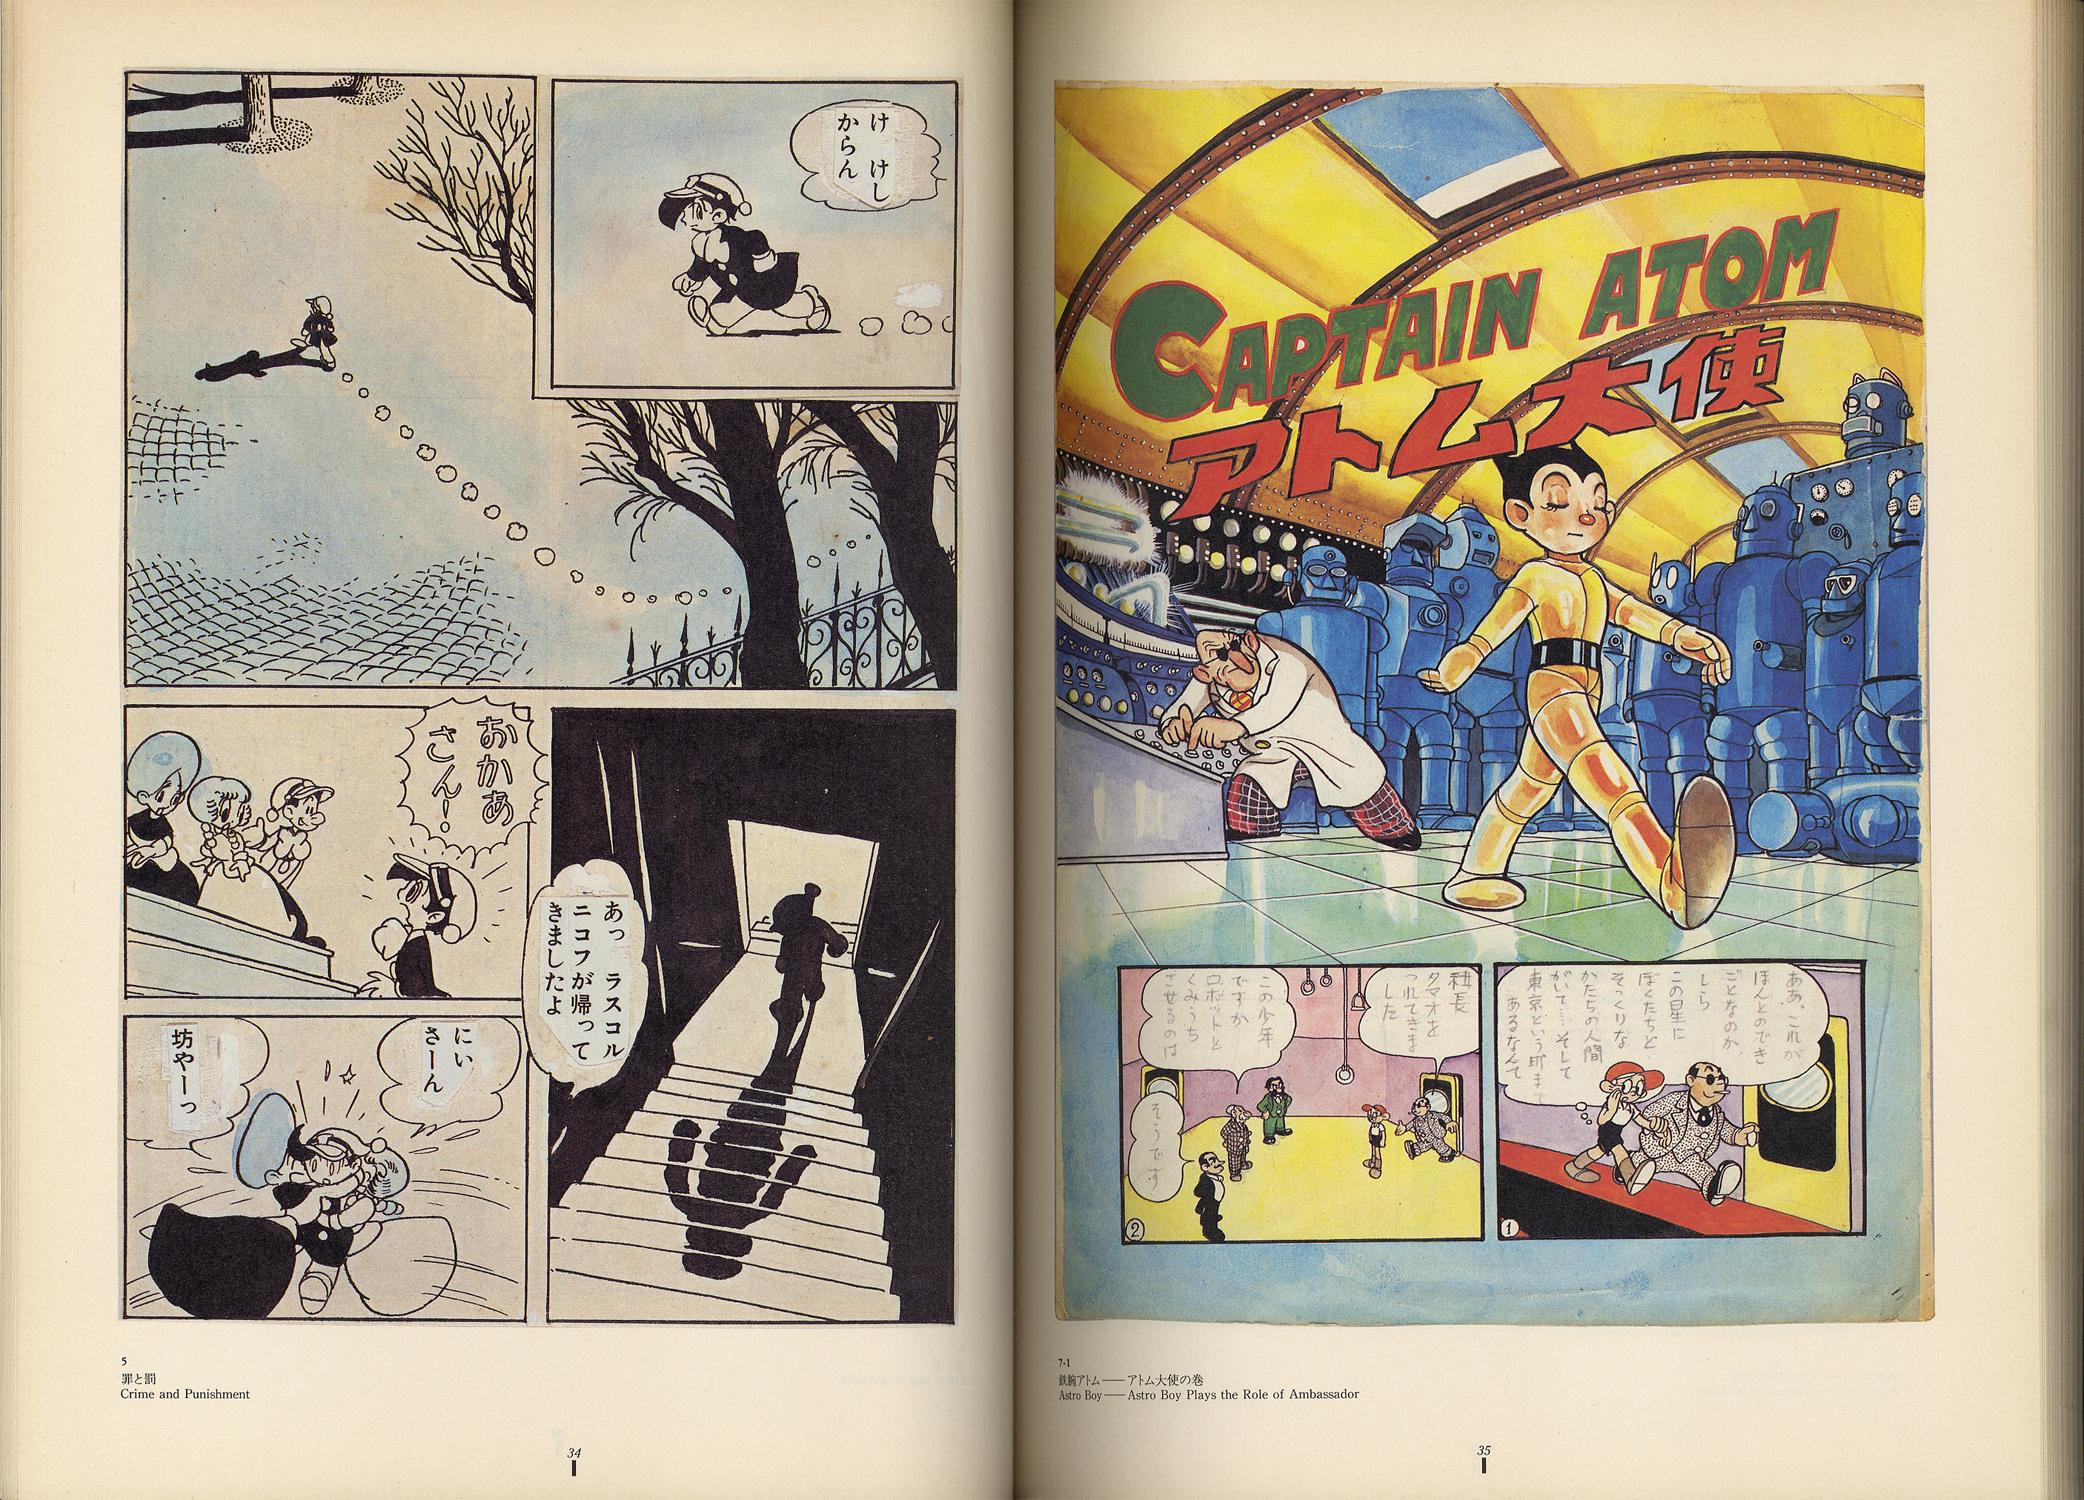 手塚治虫展 Osamu Tezuka Exhibition[image2]